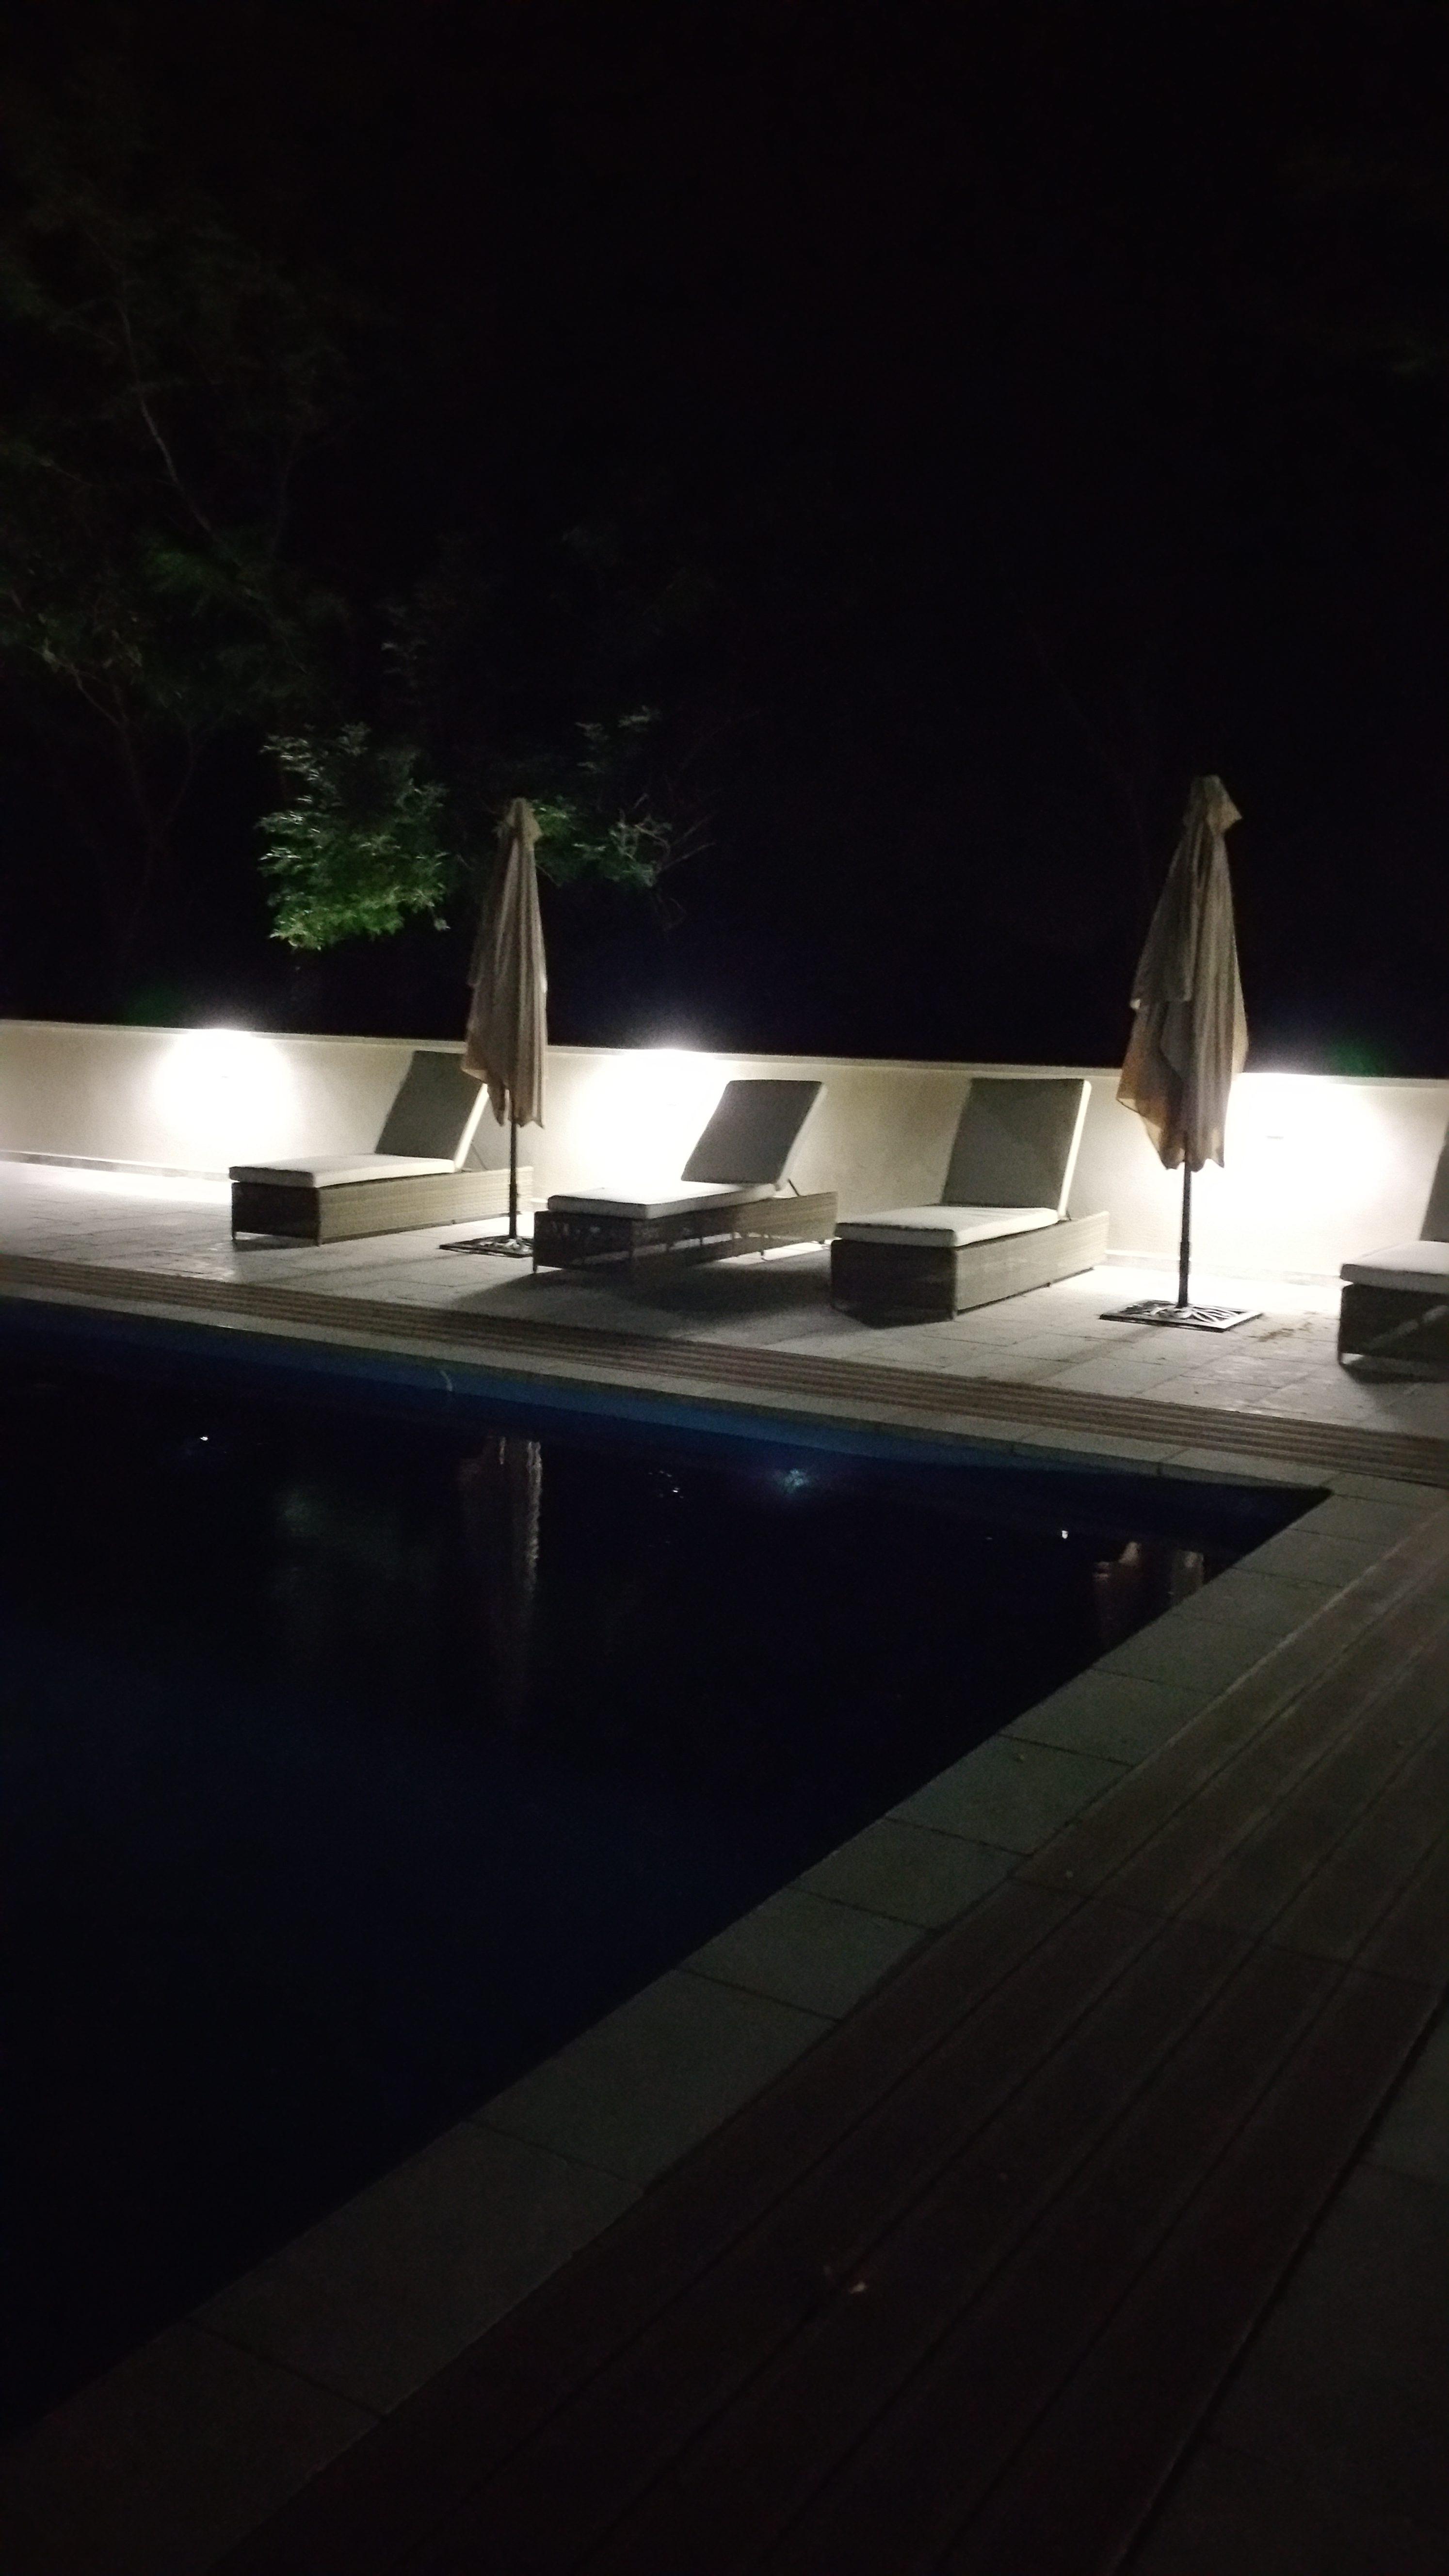 piscine nacht